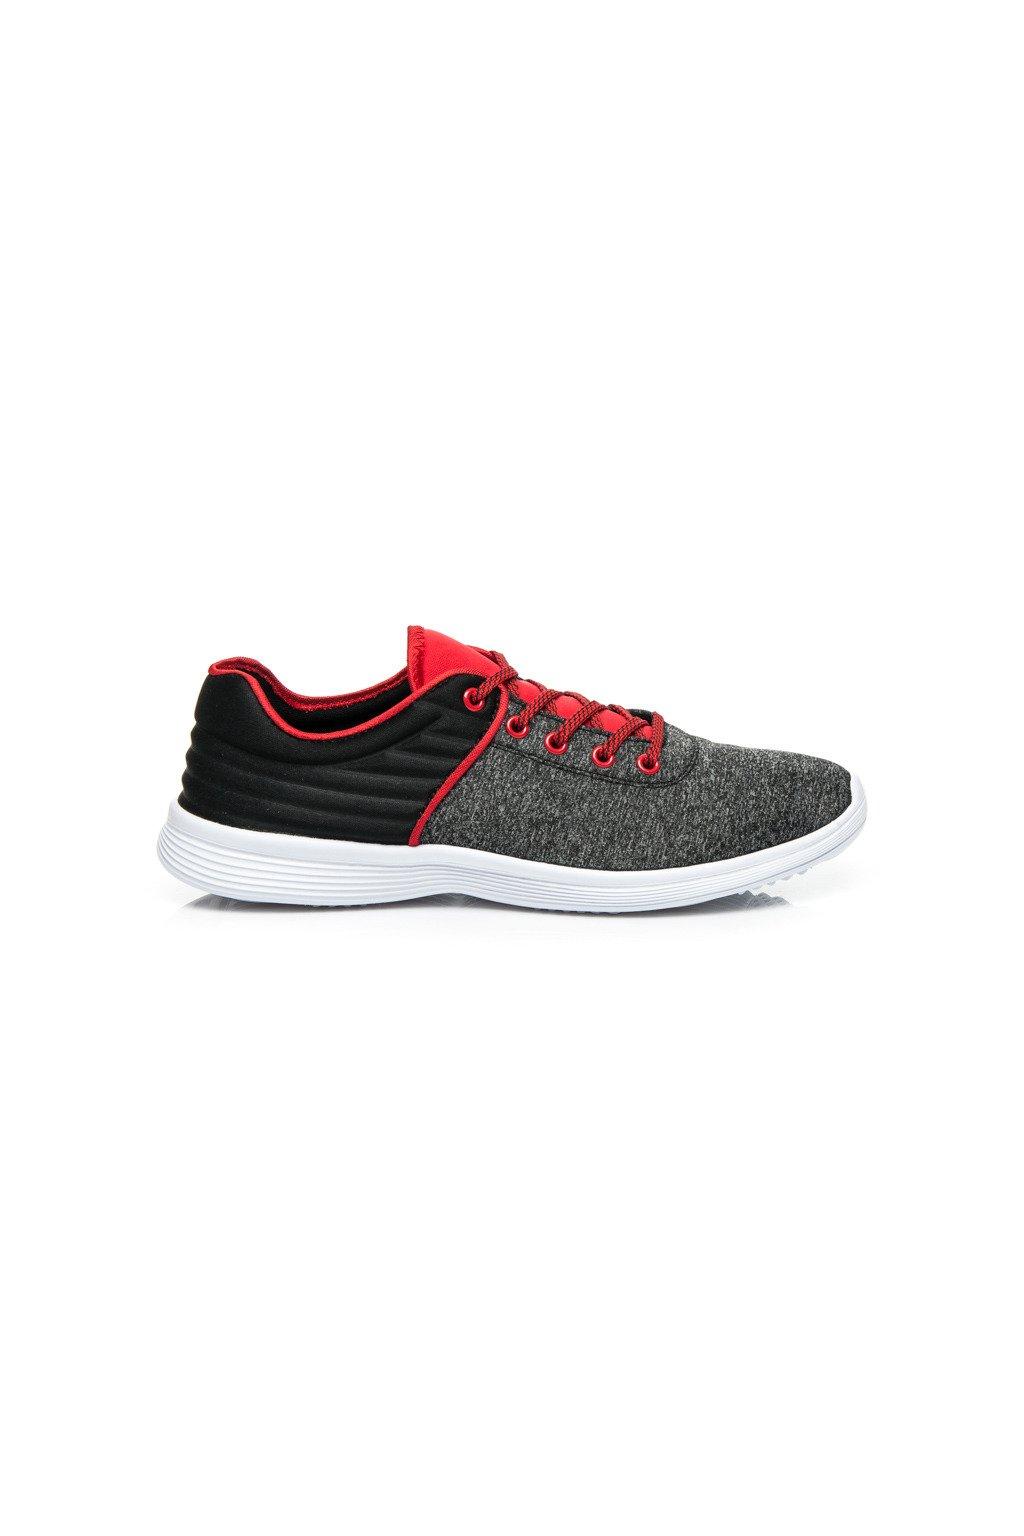 Štýlová športová obuv SLIM FIT BK-08B veľ.č. 36, 37 (Veľkosť UK8 / EUR 41)